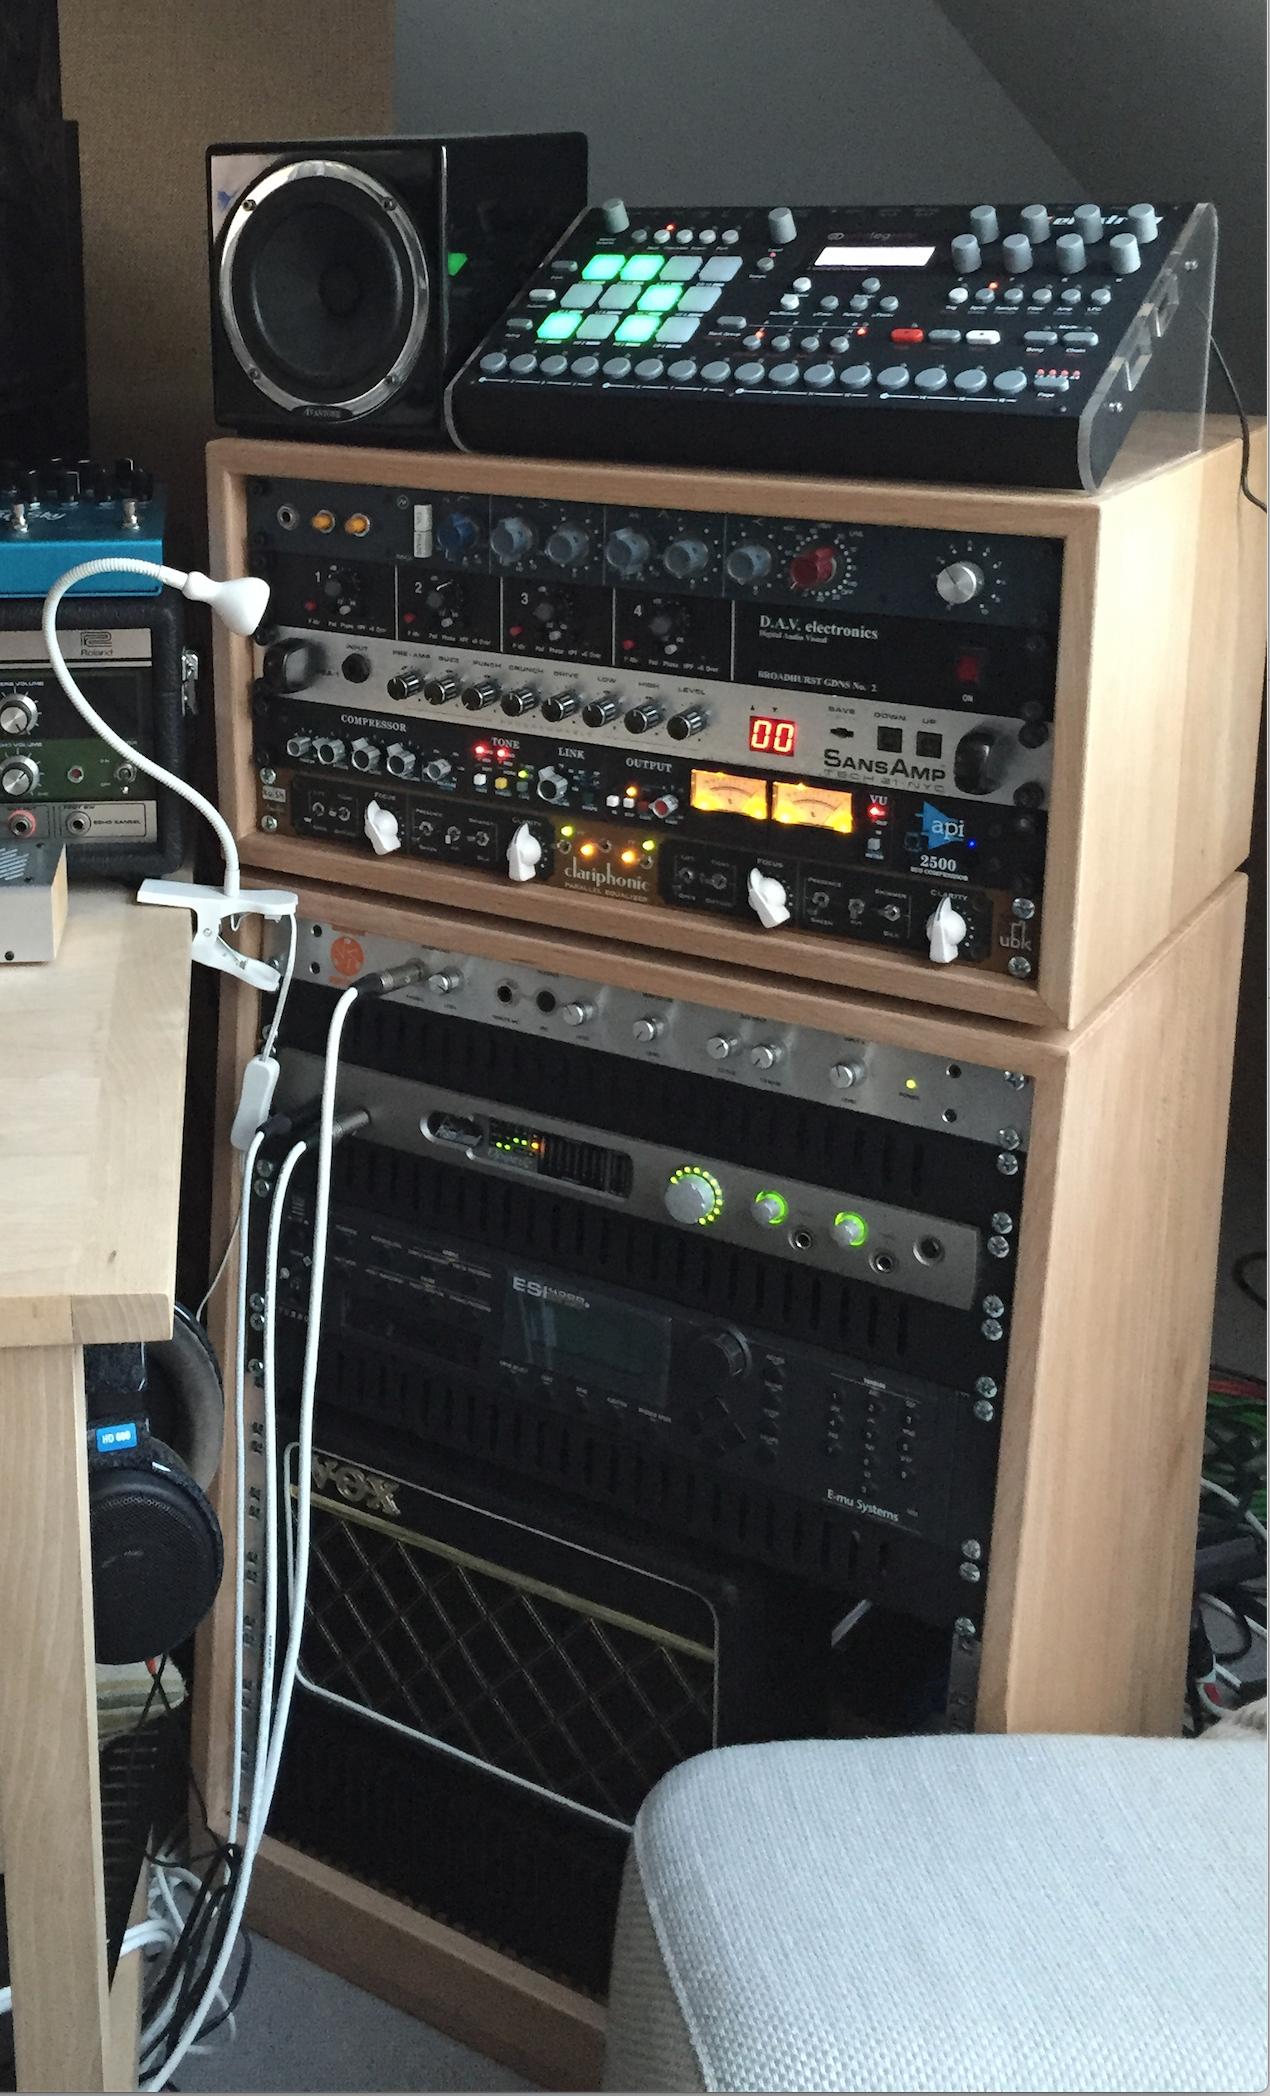 5U + 11U Beech racks mixingtable